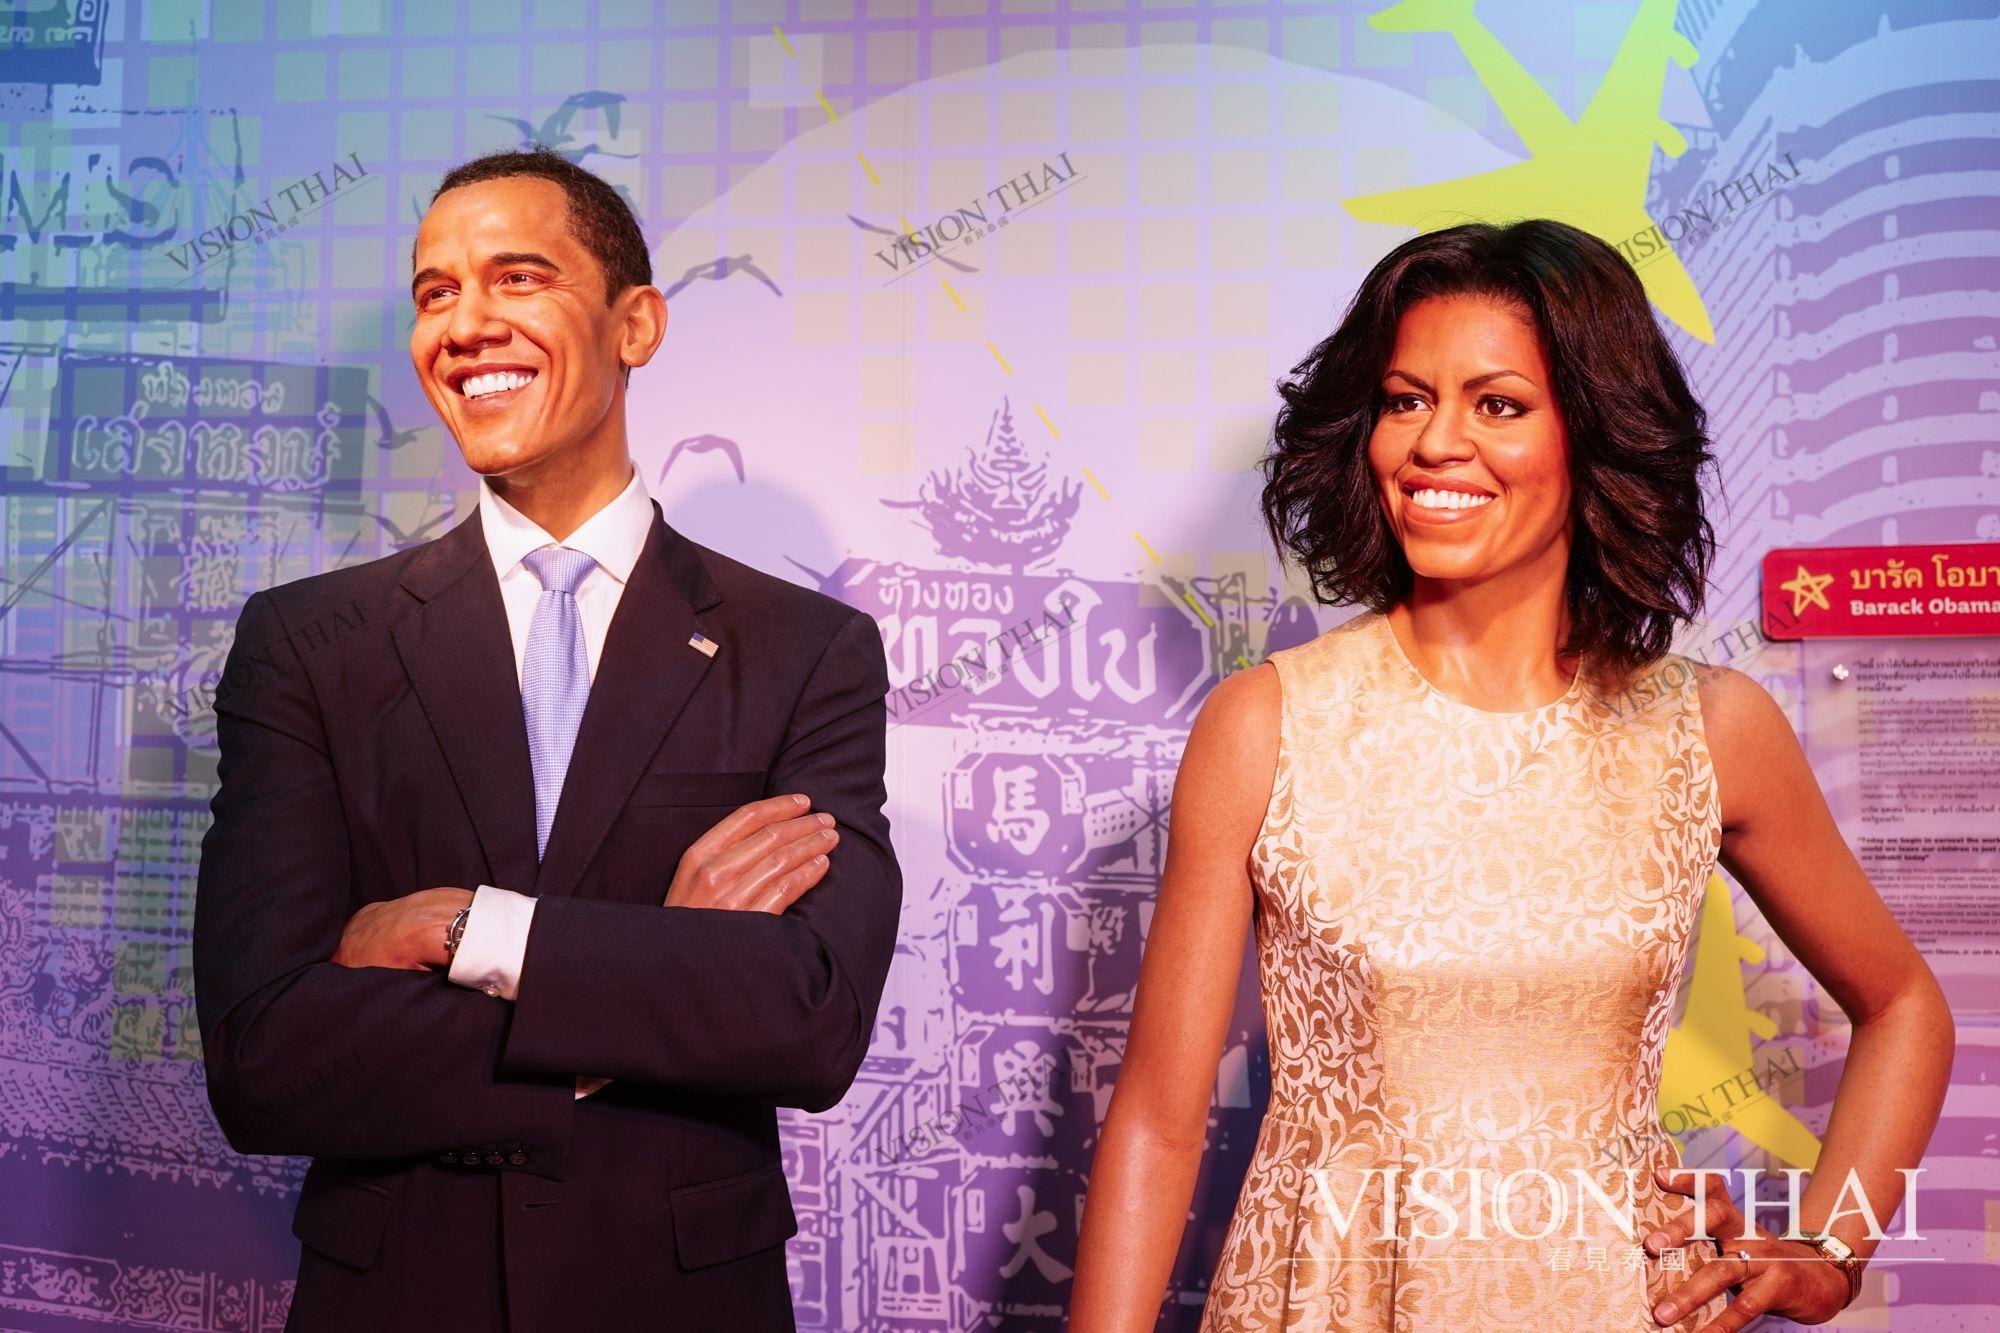 曼谷自由行|暹罗商圈3大必去室内景点:曼谷海洋世界、杜莎夫人蜡像馆、百丽宫影城